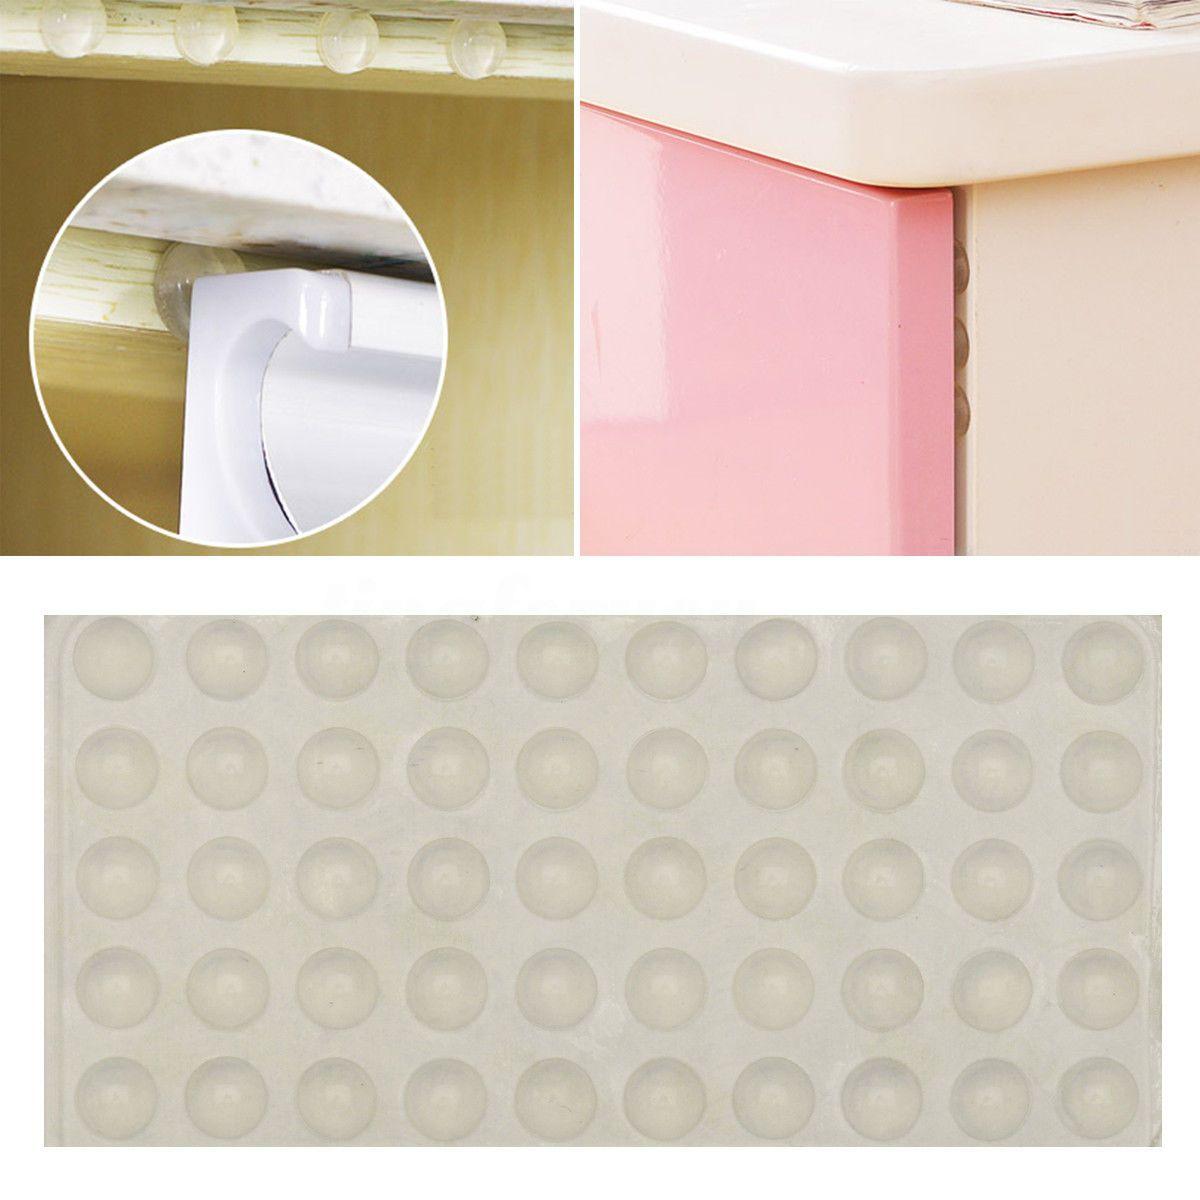 New Rubber Cabinet Door Bumpers